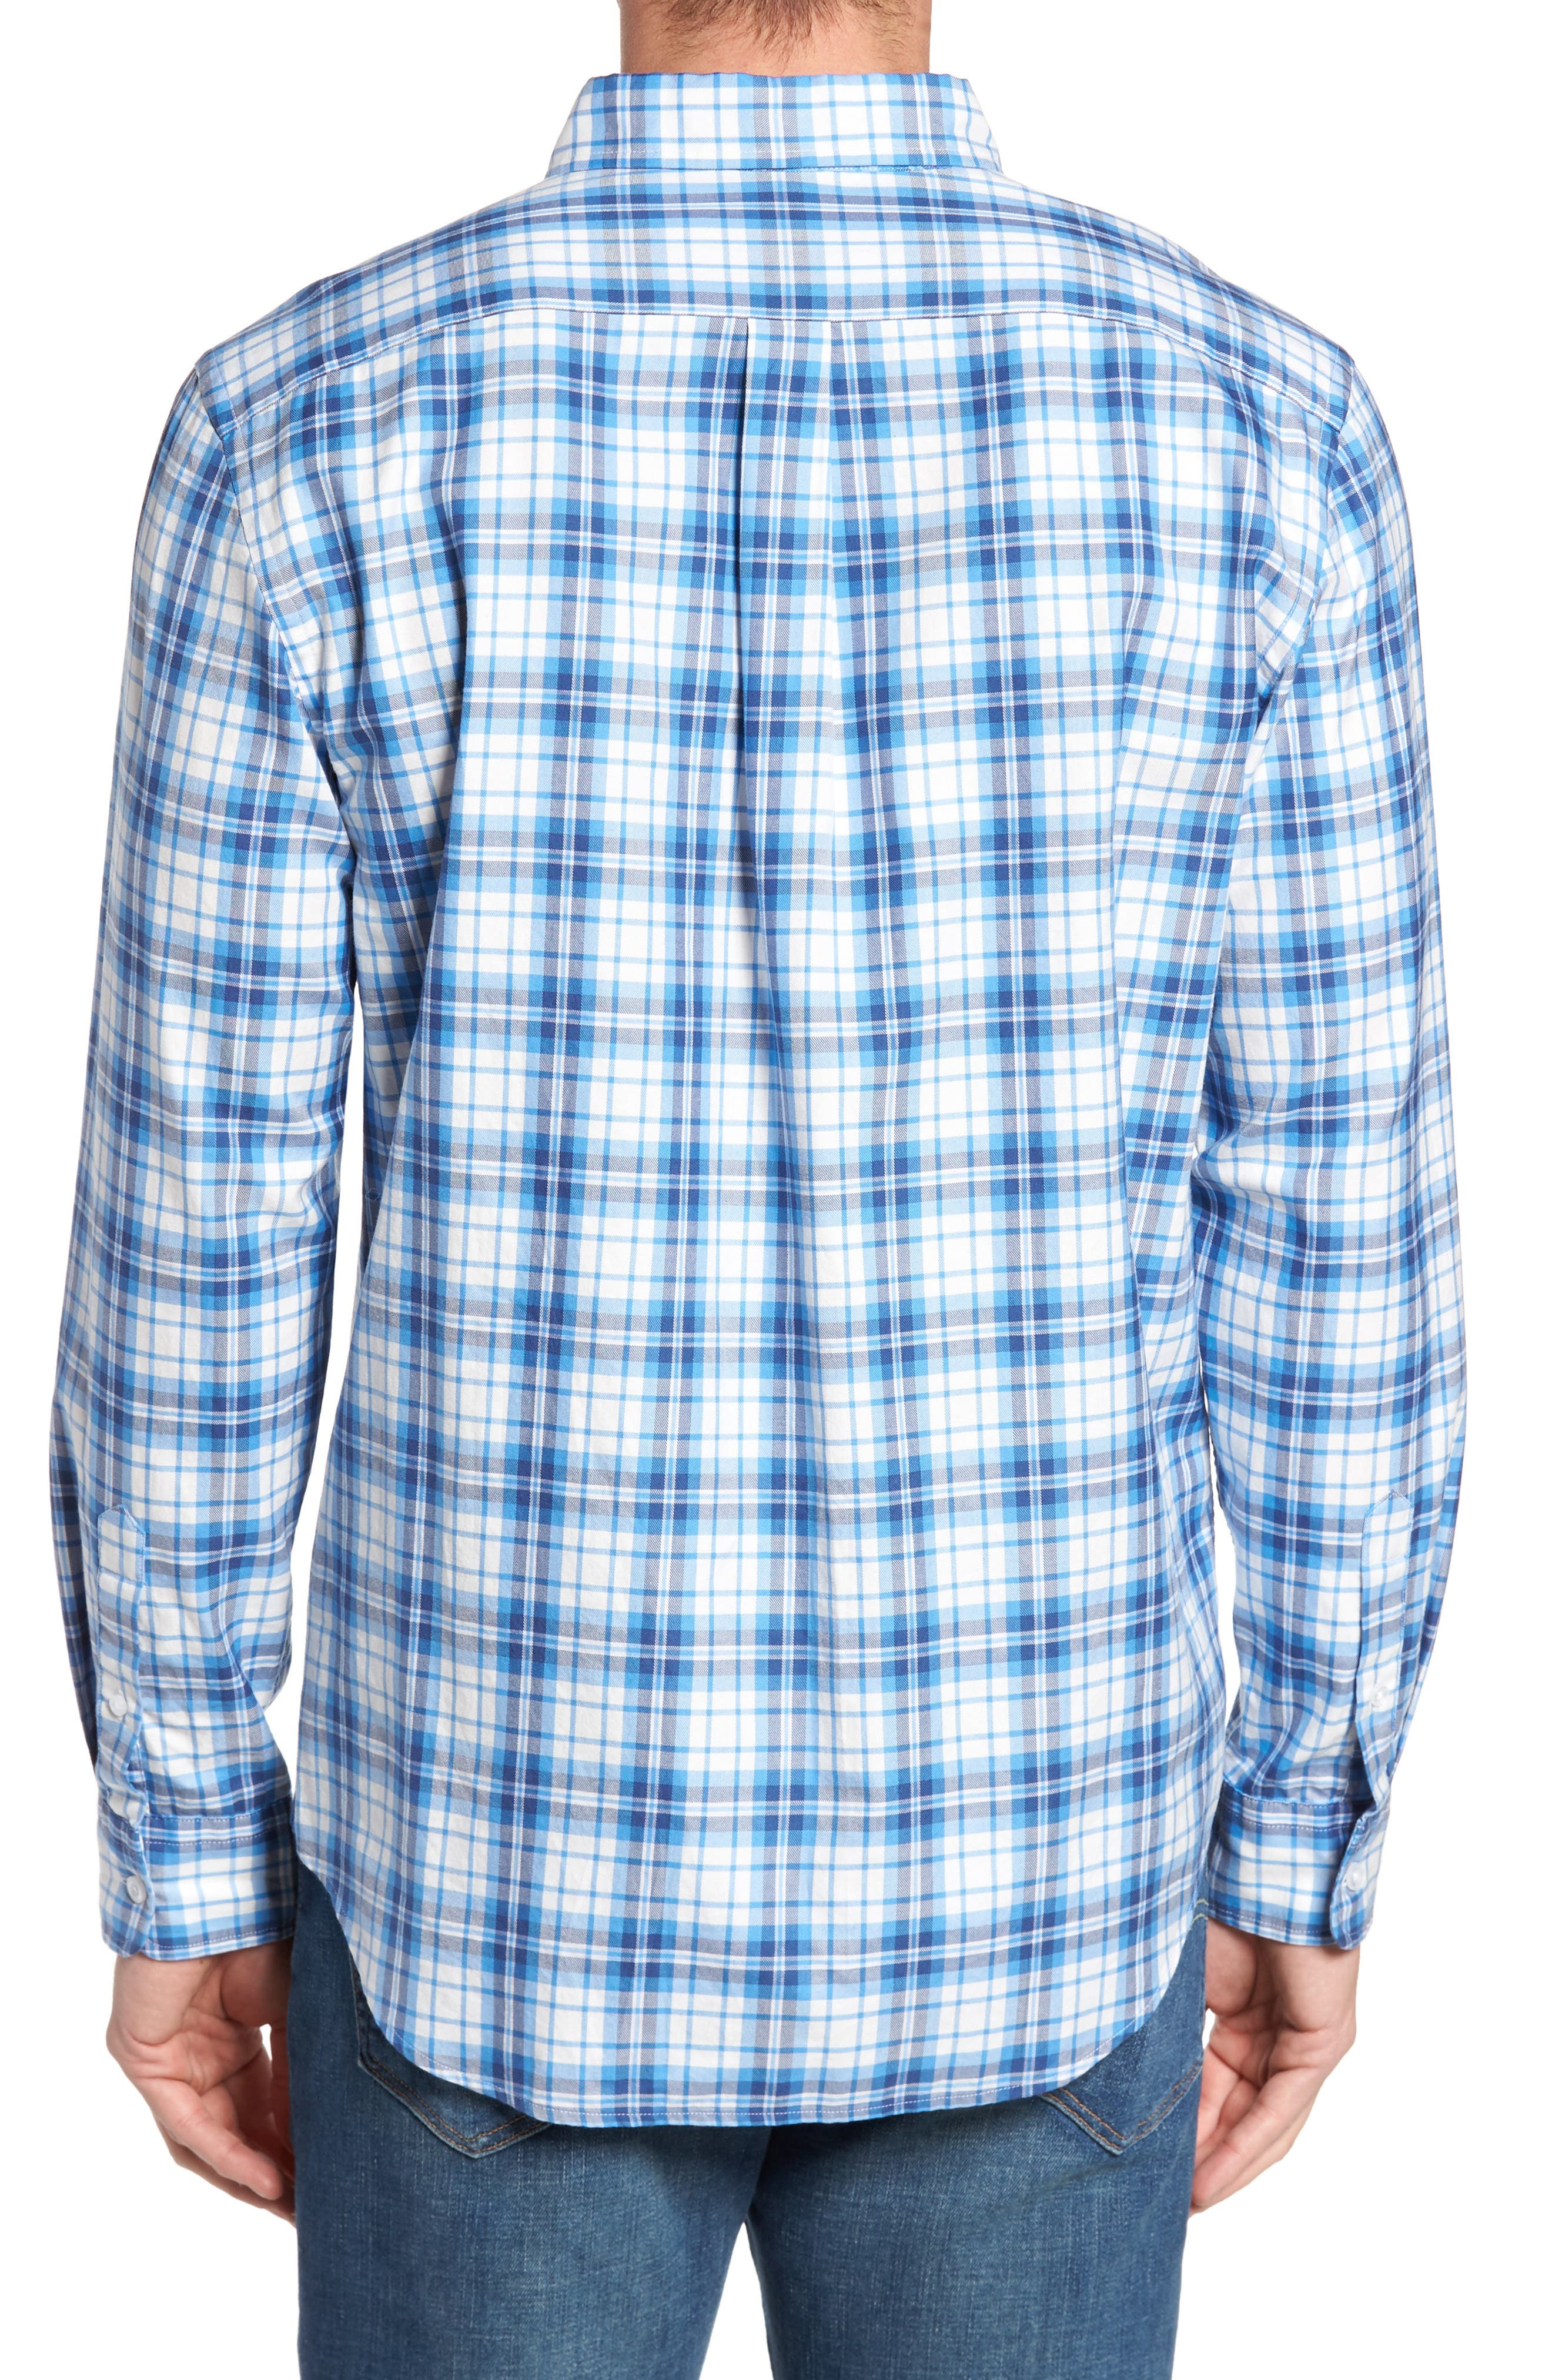 Shore Town Classic Fit Plaid Sport Shirt,                             Alternate thumbnail 2, color,